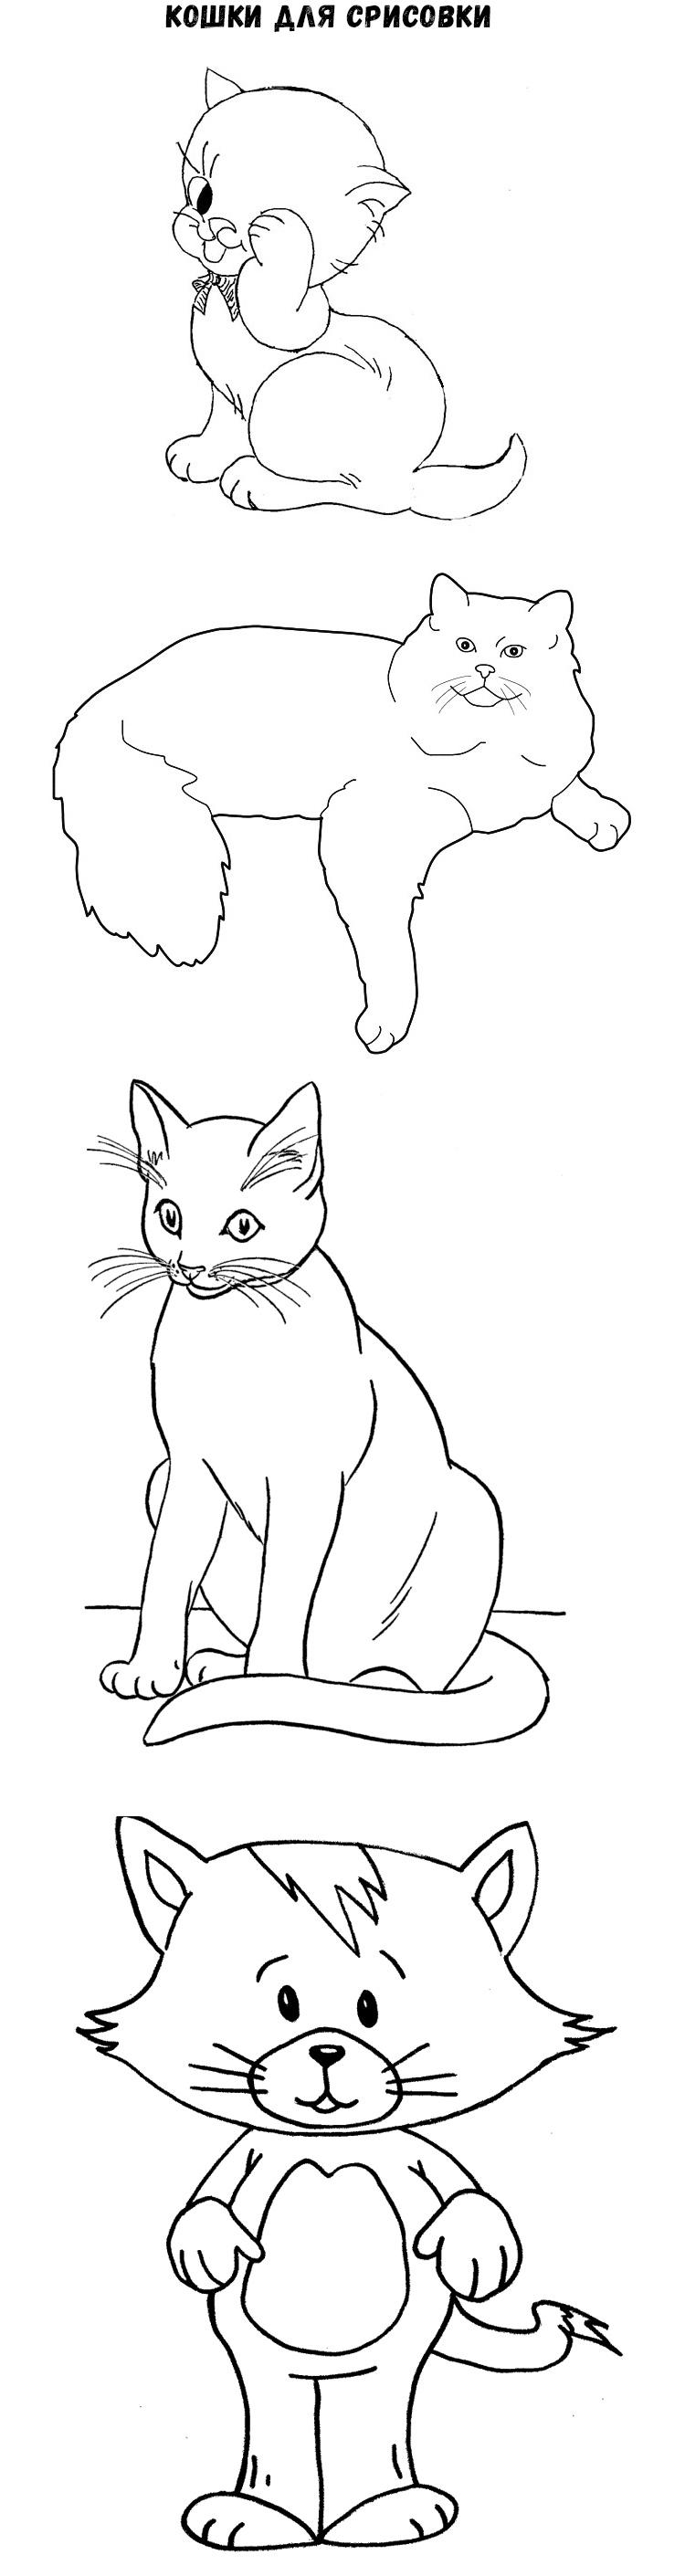 кошки для срисовки